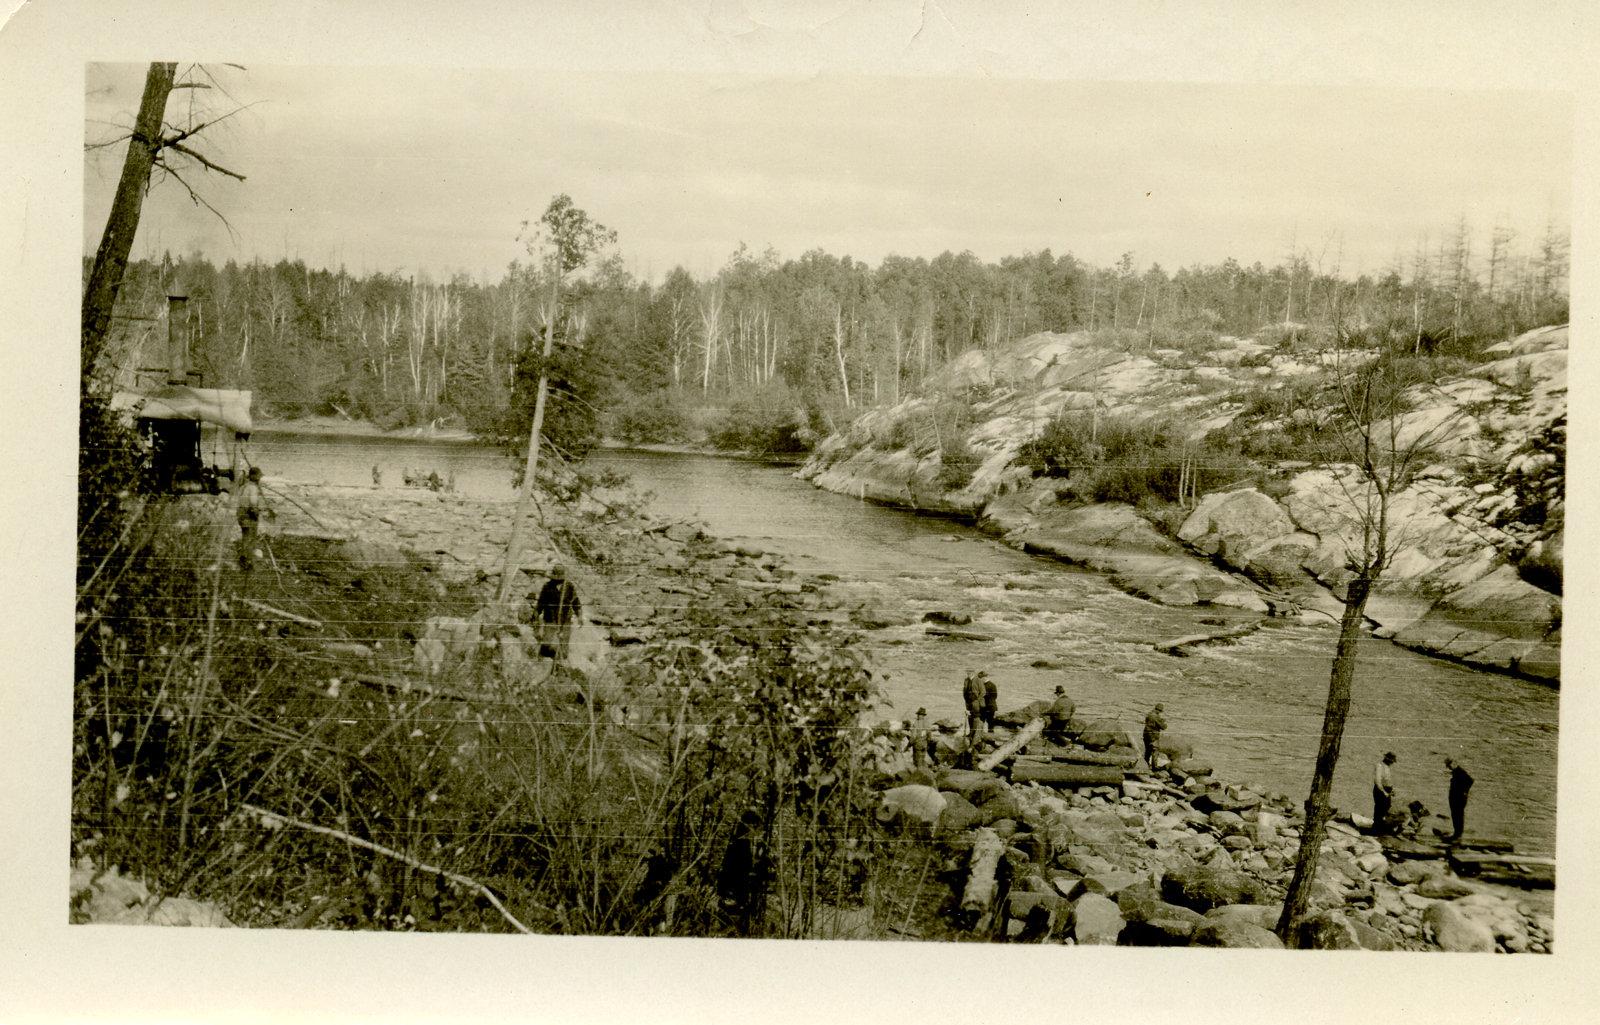 Hommes près de la rivière / Men by the river